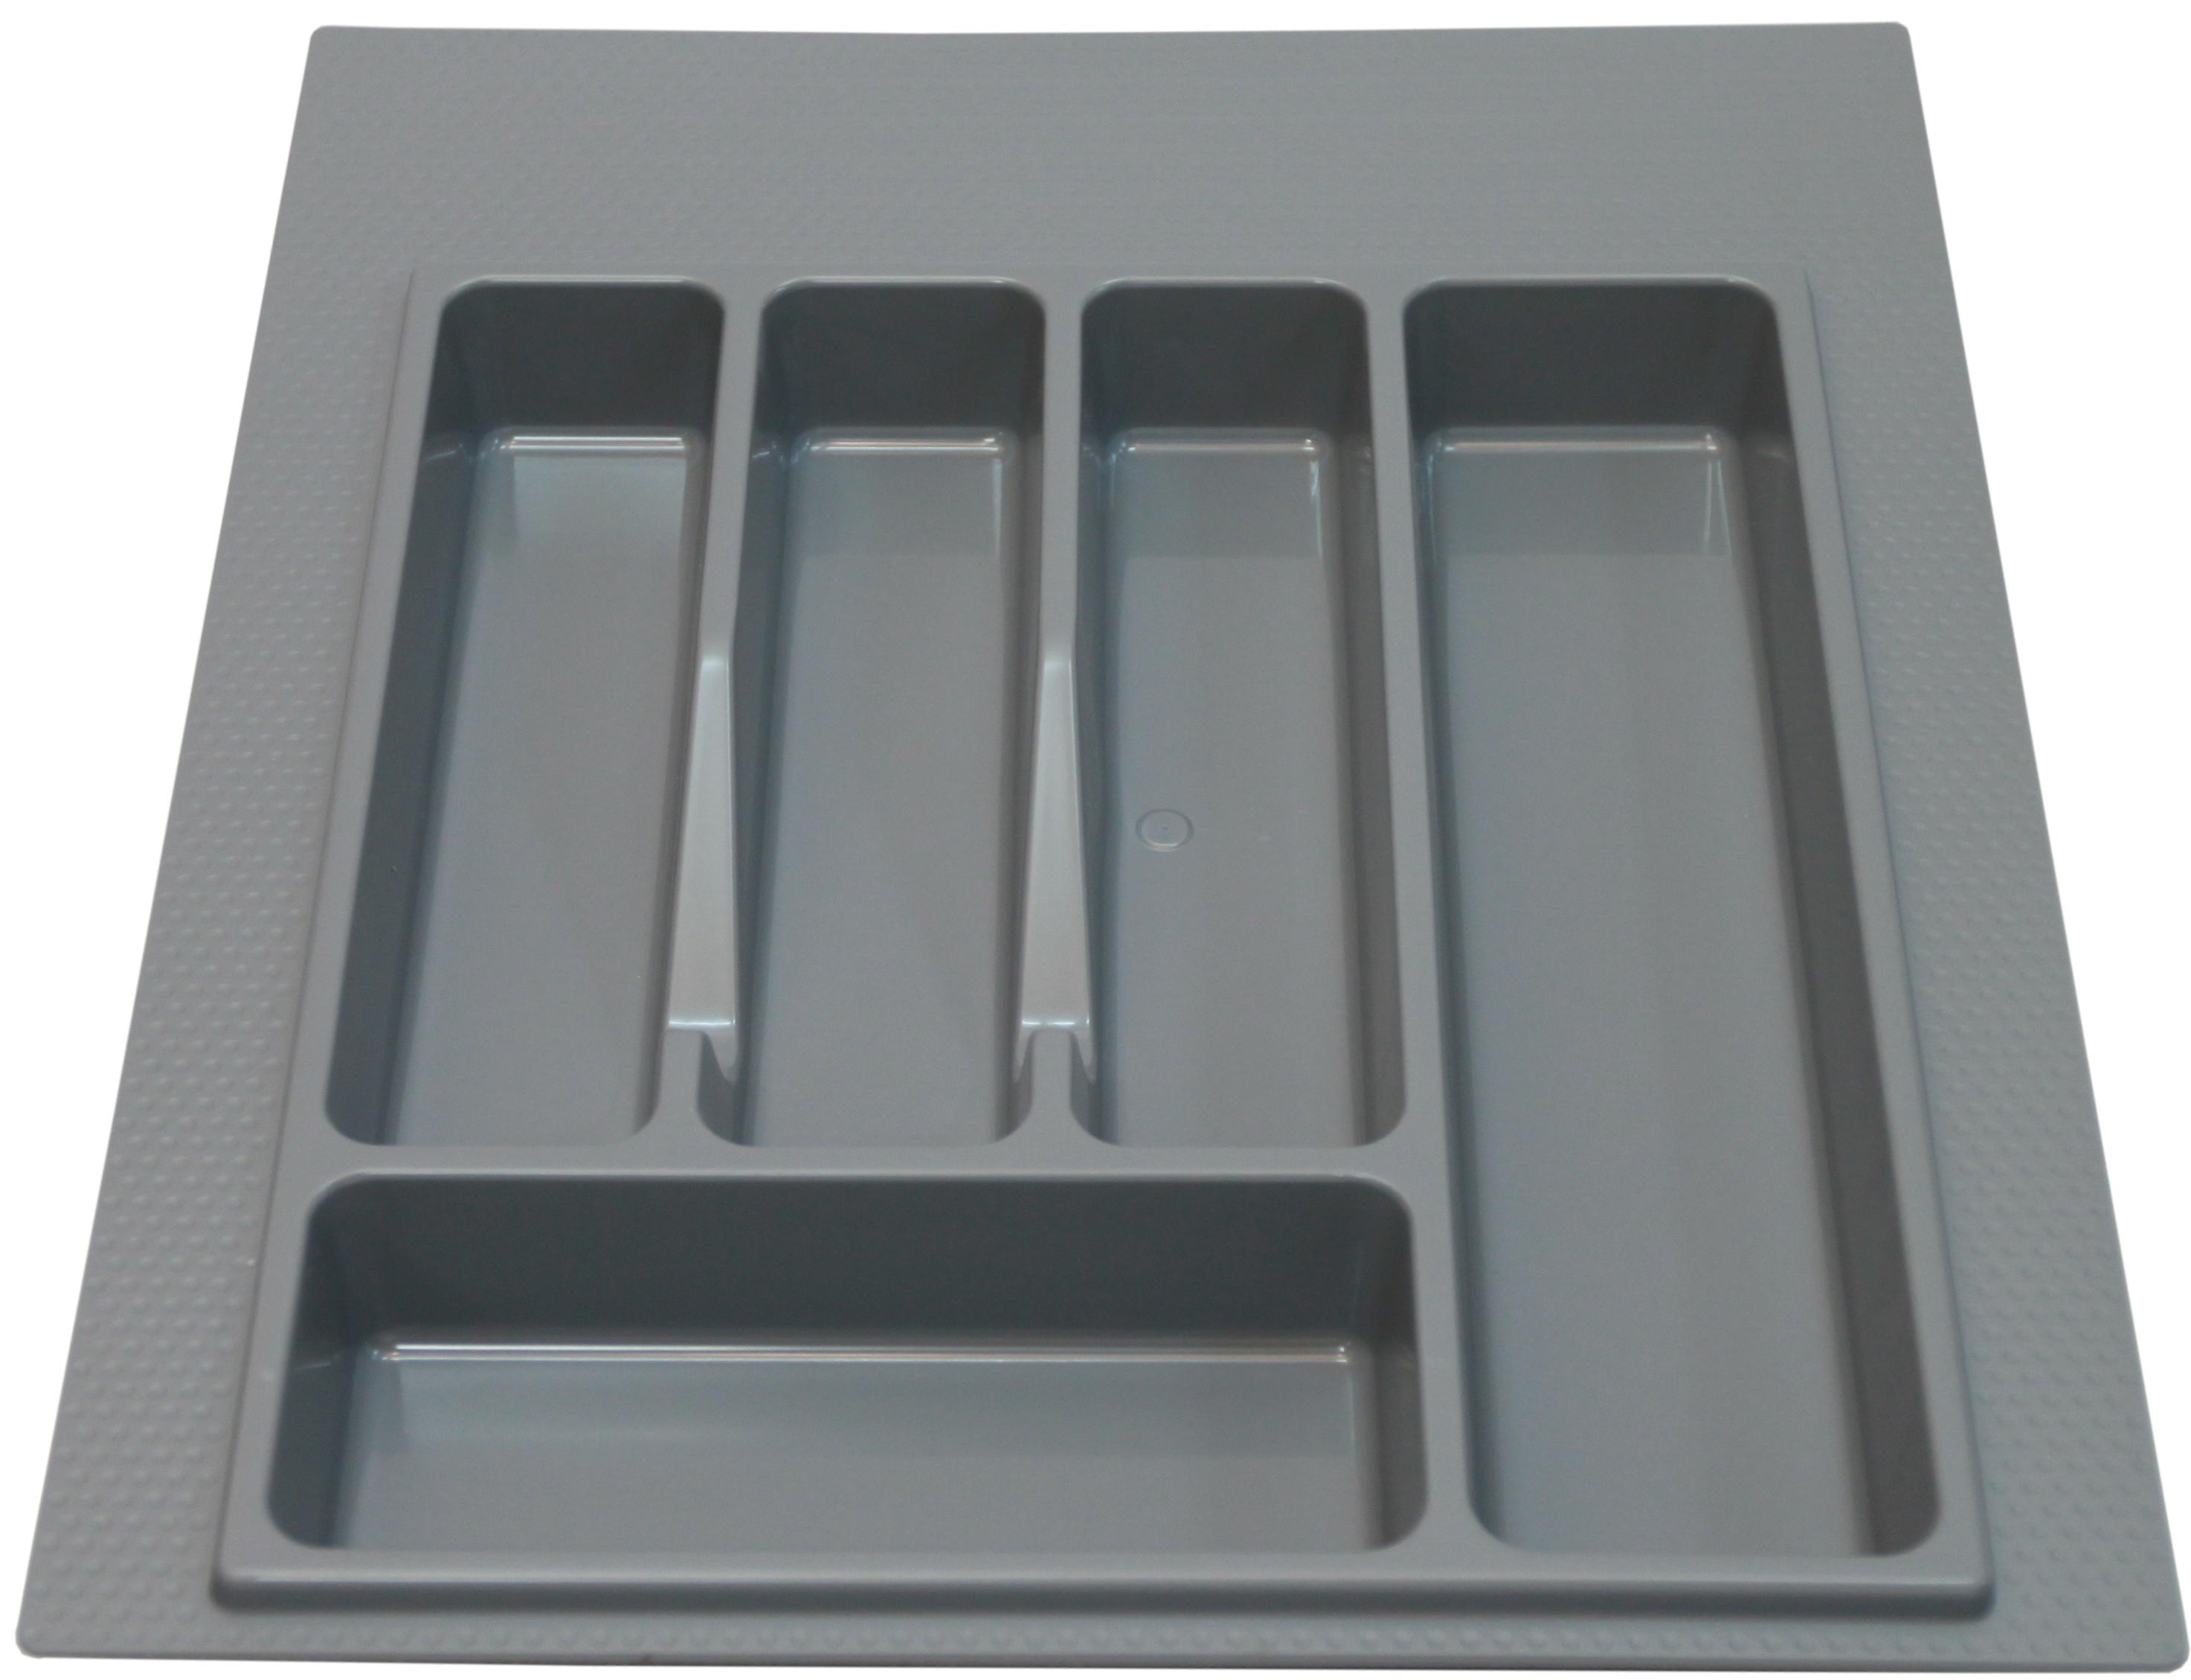 Лоток для столовых приборов 400-450мм серый